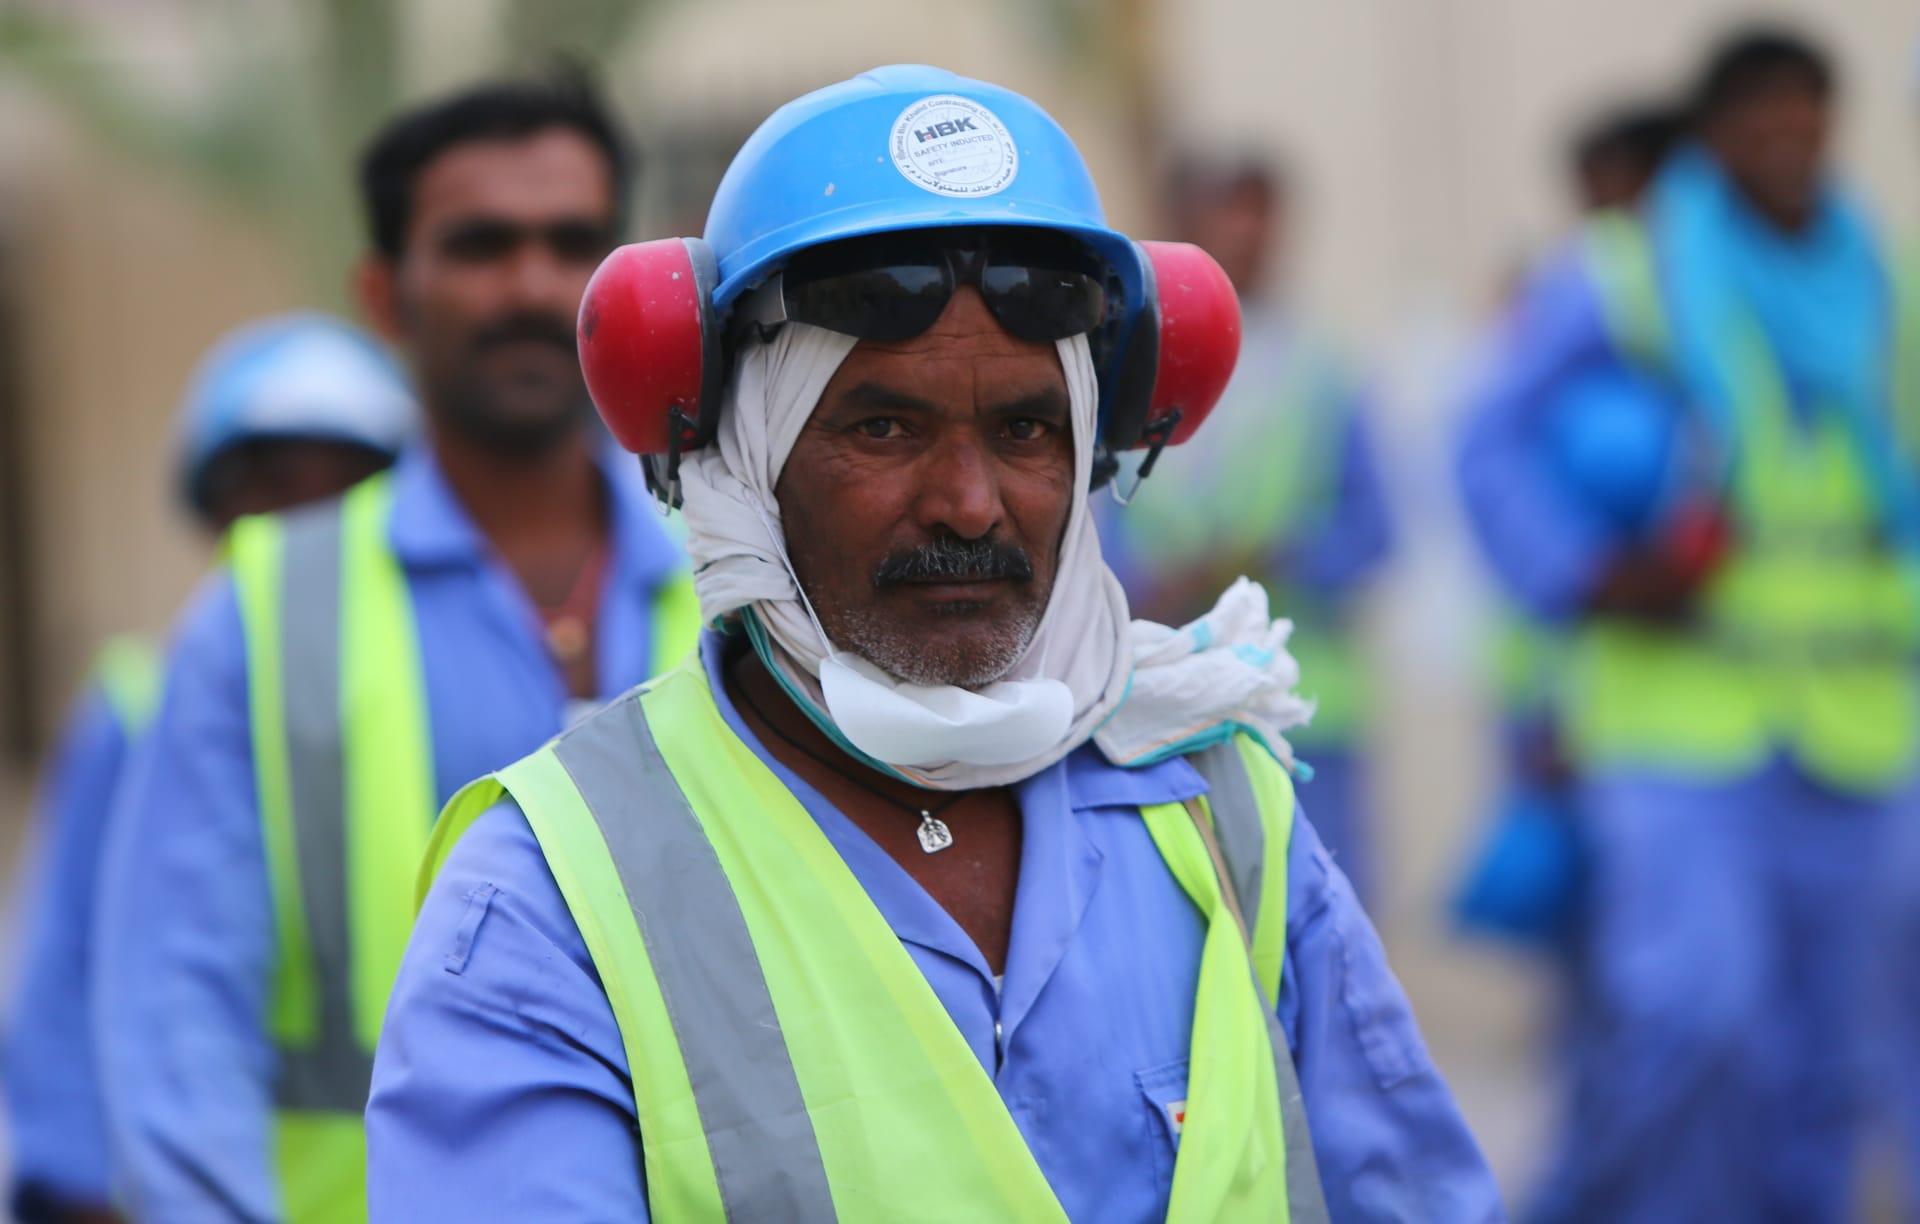 أمنستي: الفيفا فشلت في ضمان عدم قيام كاس العالم 2022 على أساس استغلال العمال في قطر